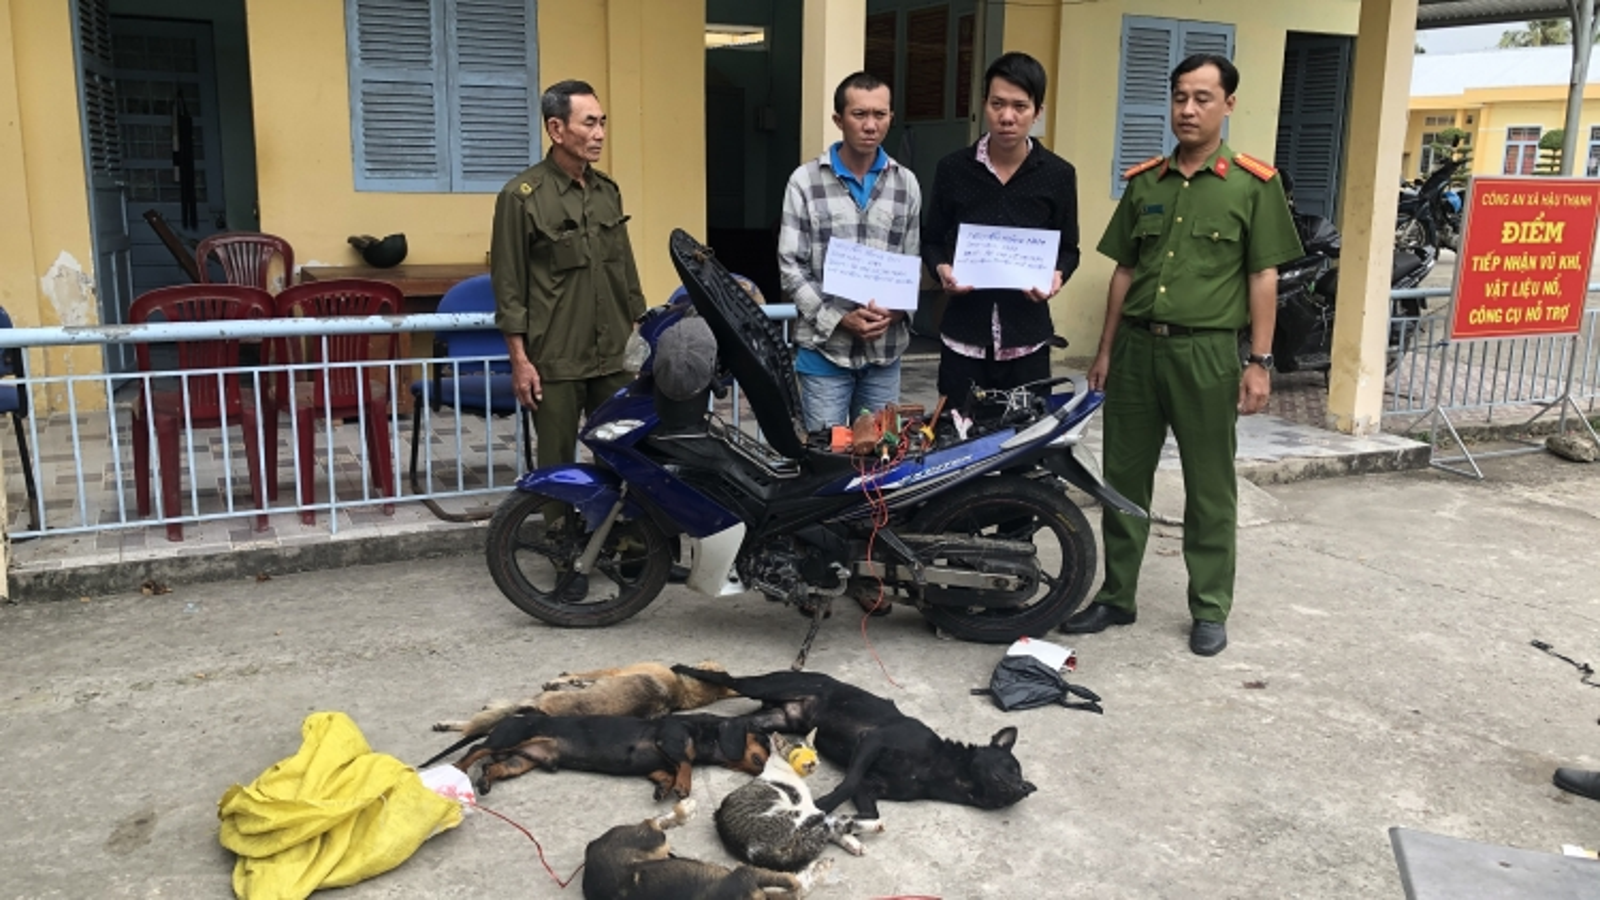 Bắt quả tang 2 đối tượng trộm chó tại Sóc Trăng